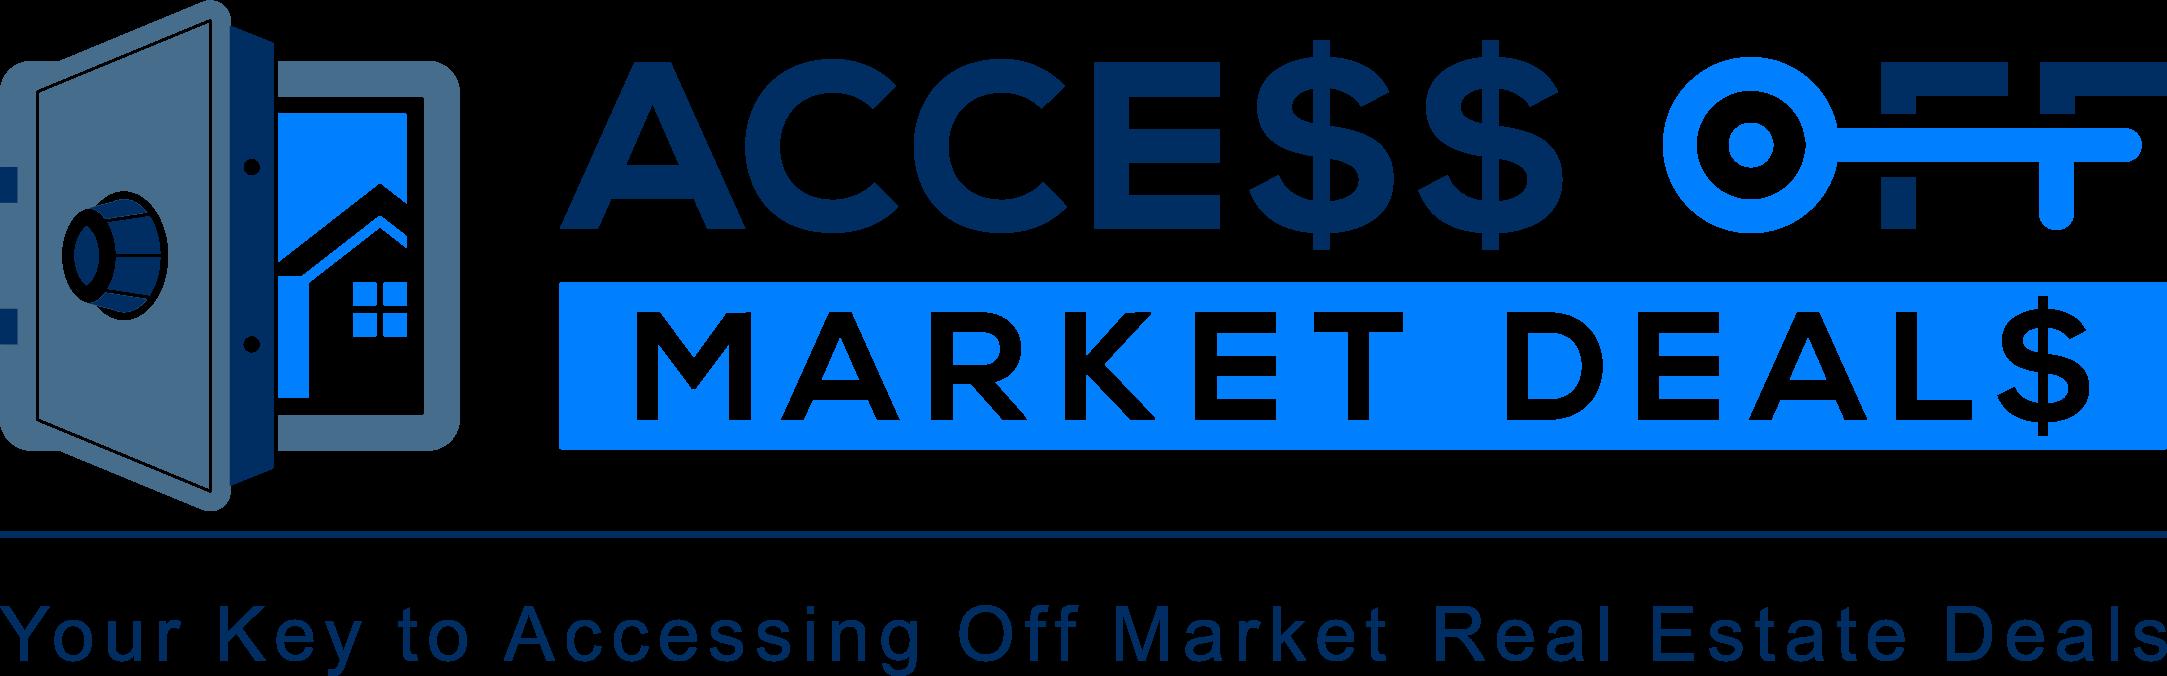 Access Off Market Deals